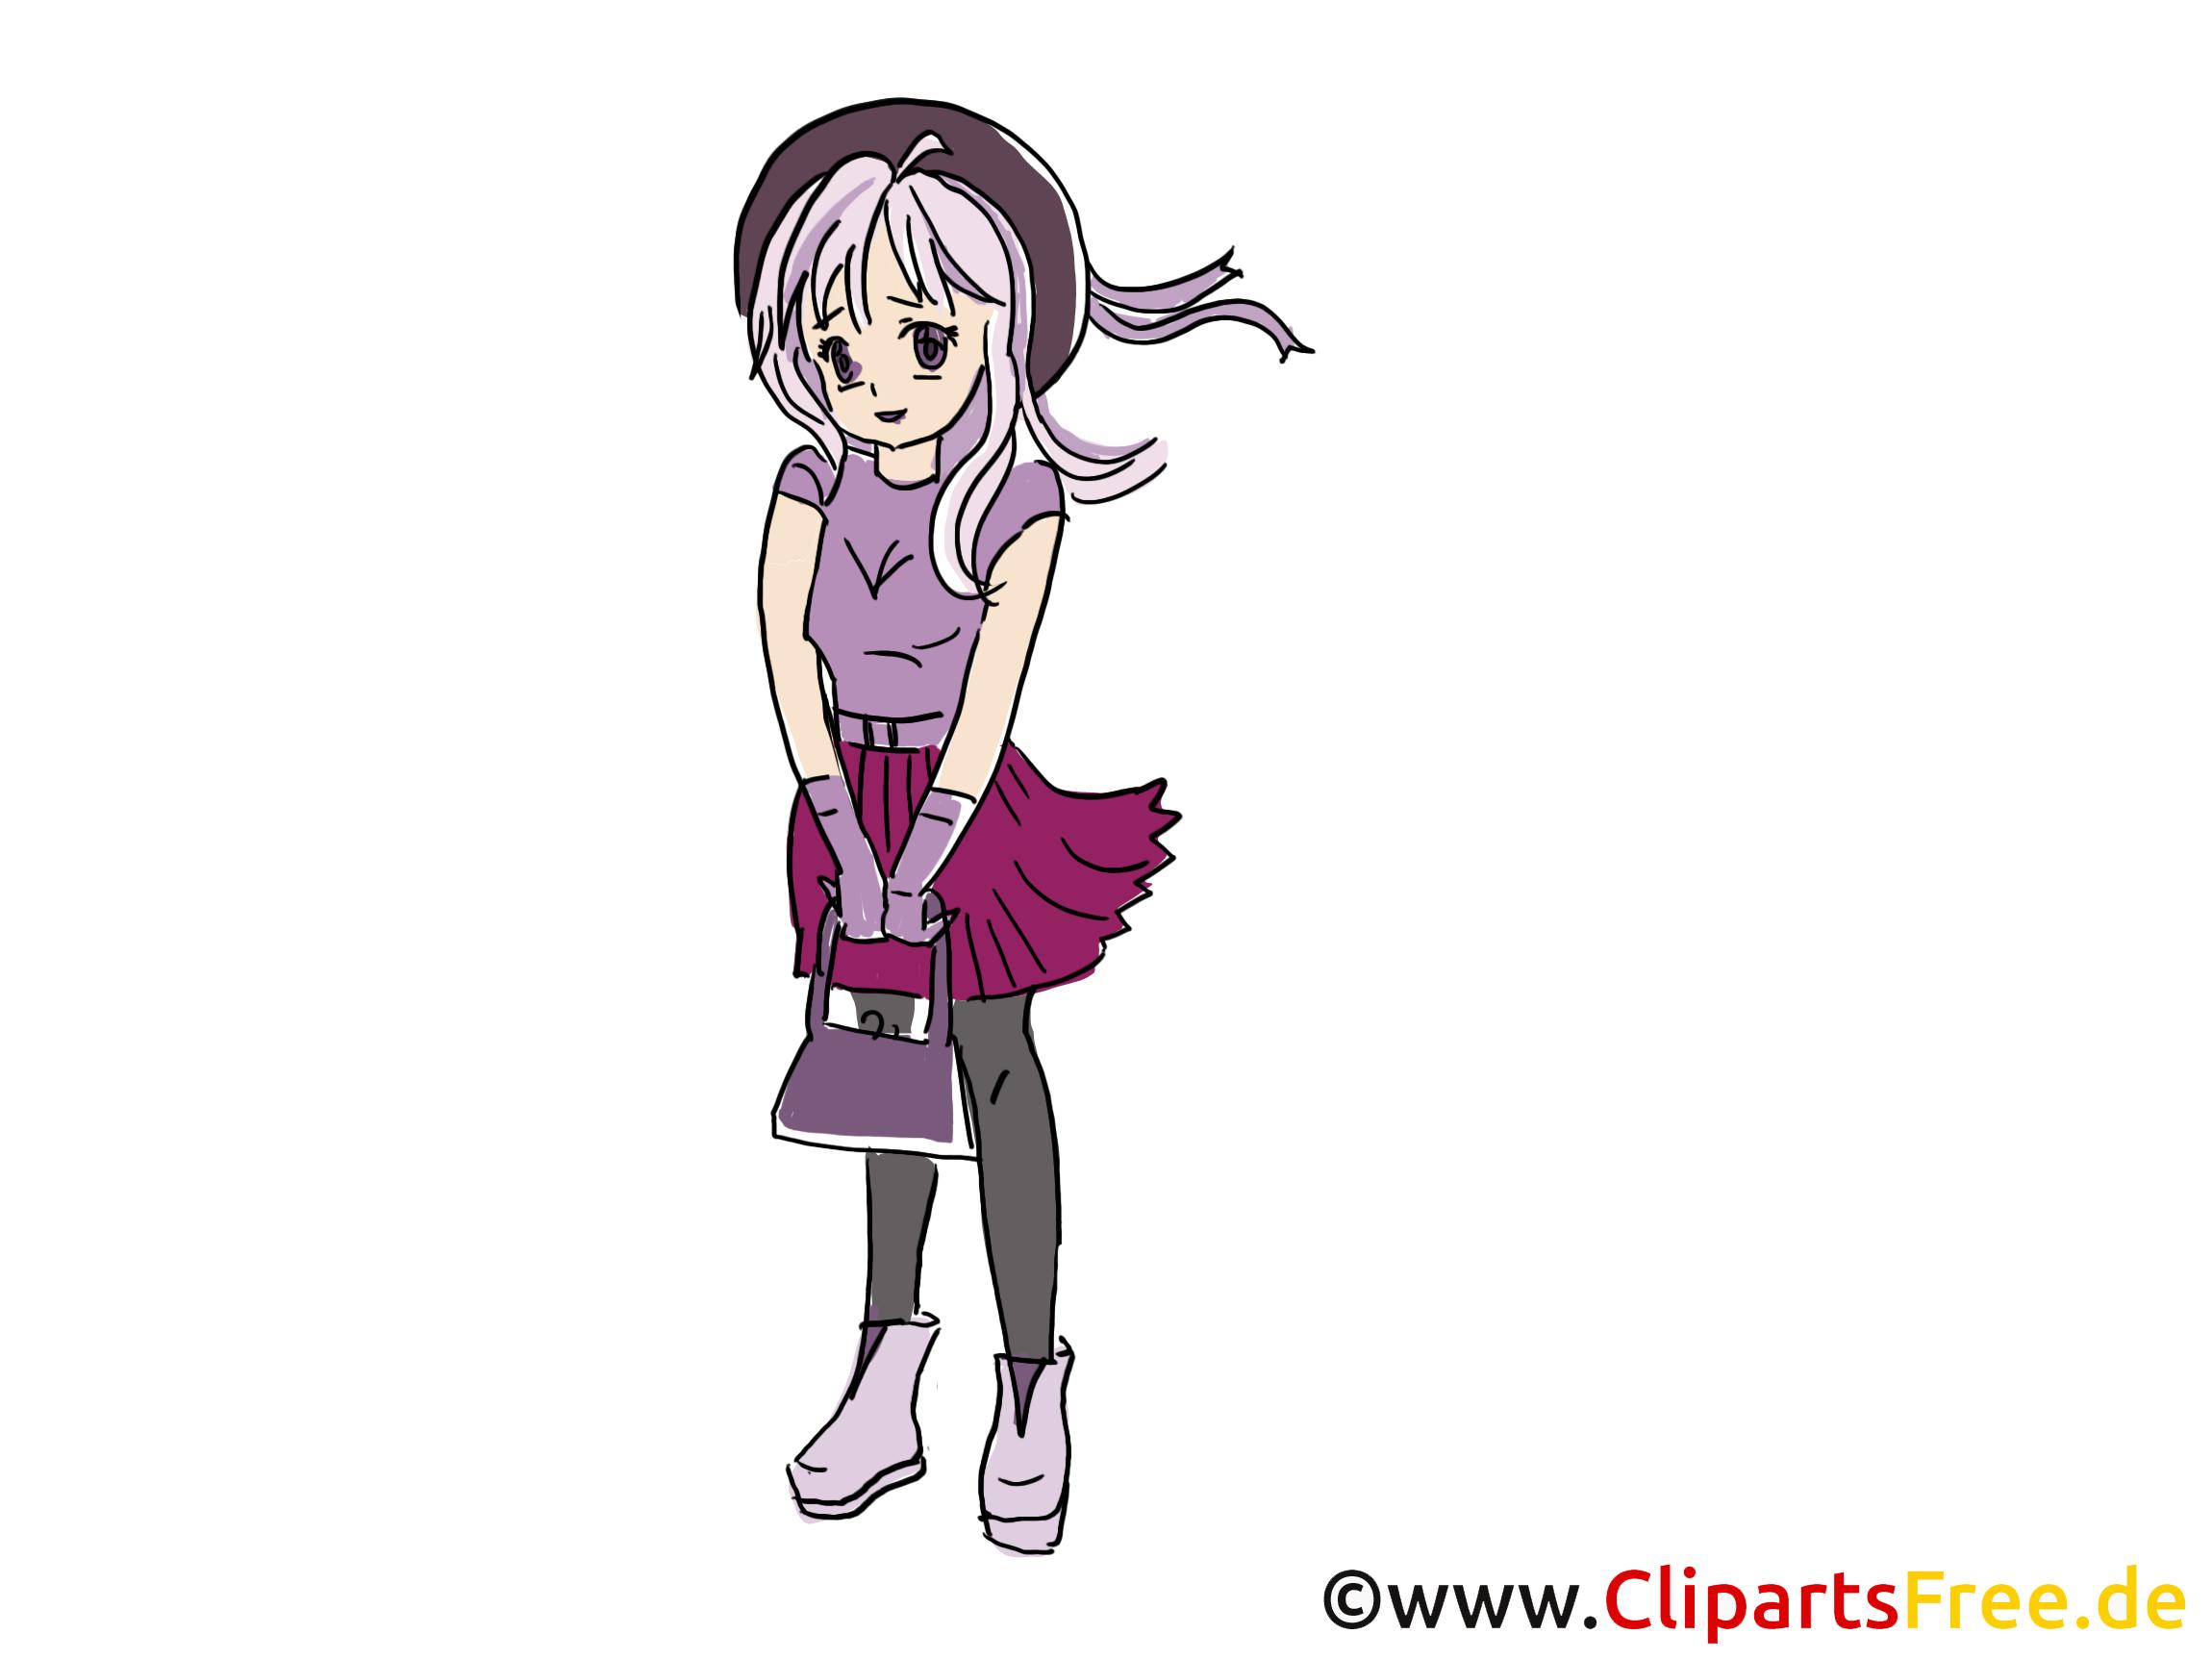 Anime clip art gratuit - Fille dessin